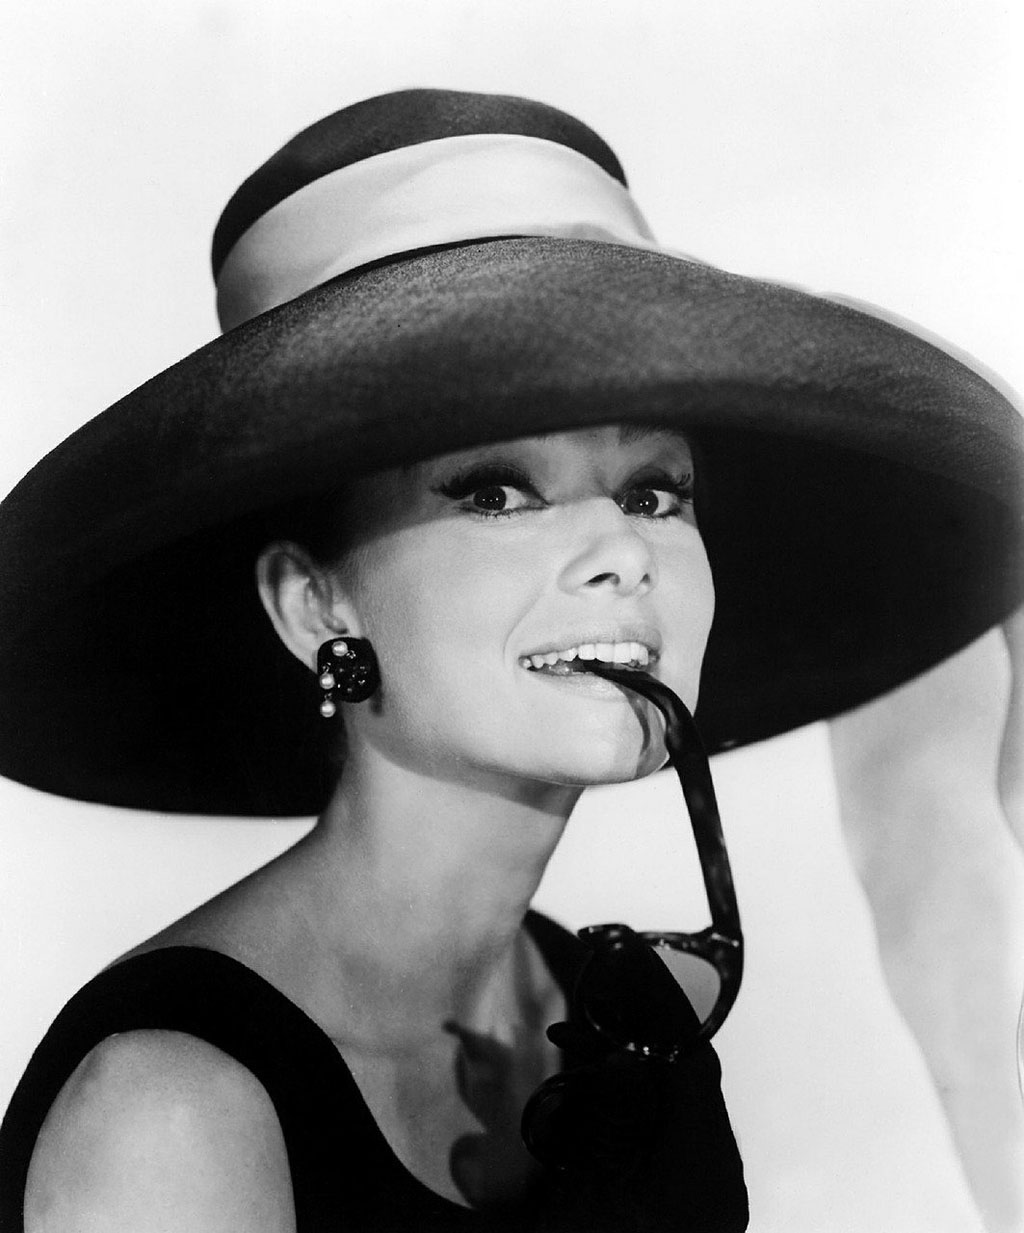 Anniversario di morte: Audrey Hepburn, un ricordo immortale